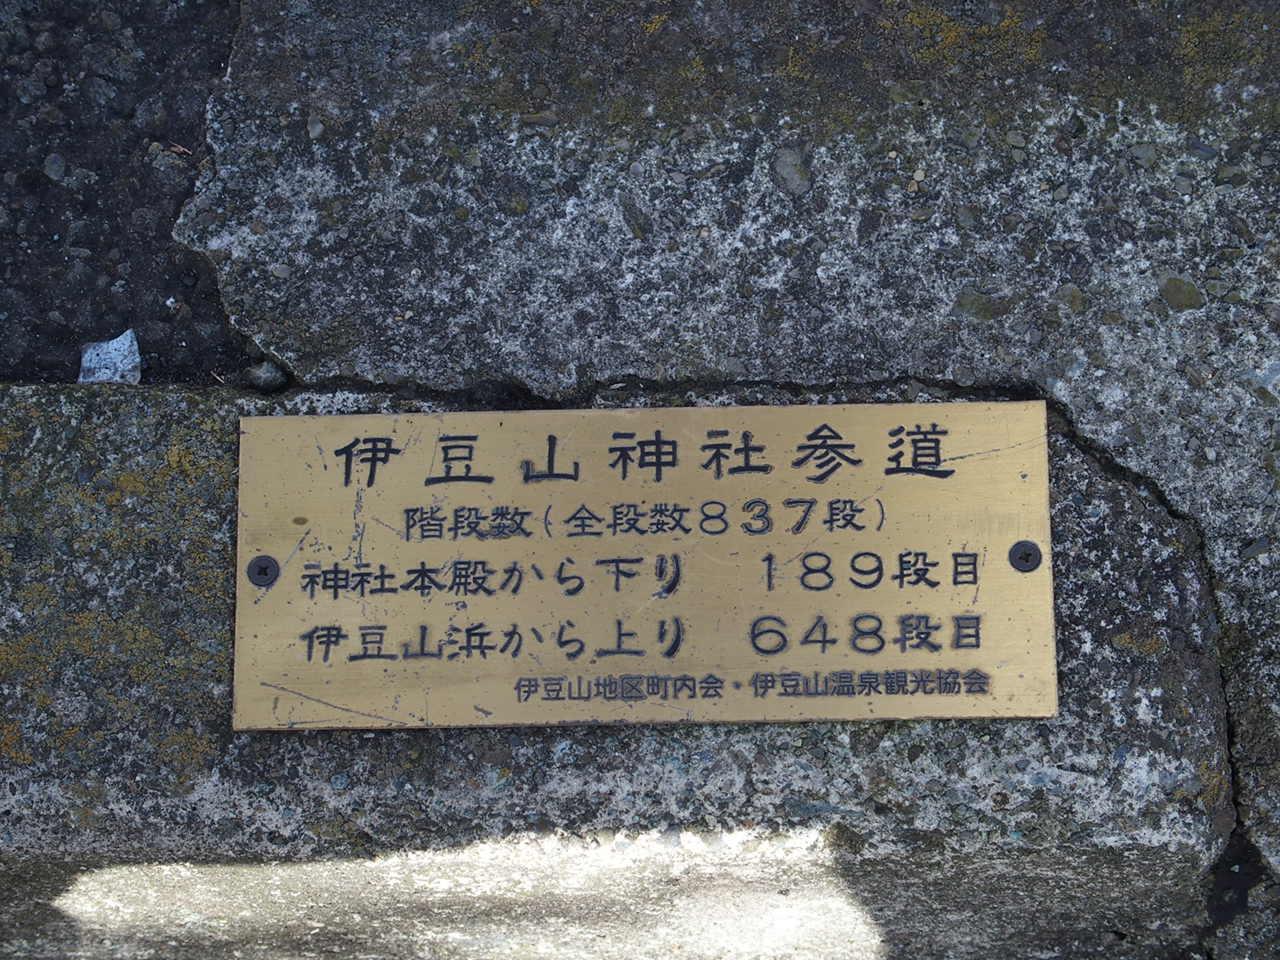 伊豆山神社参道にあるプレート